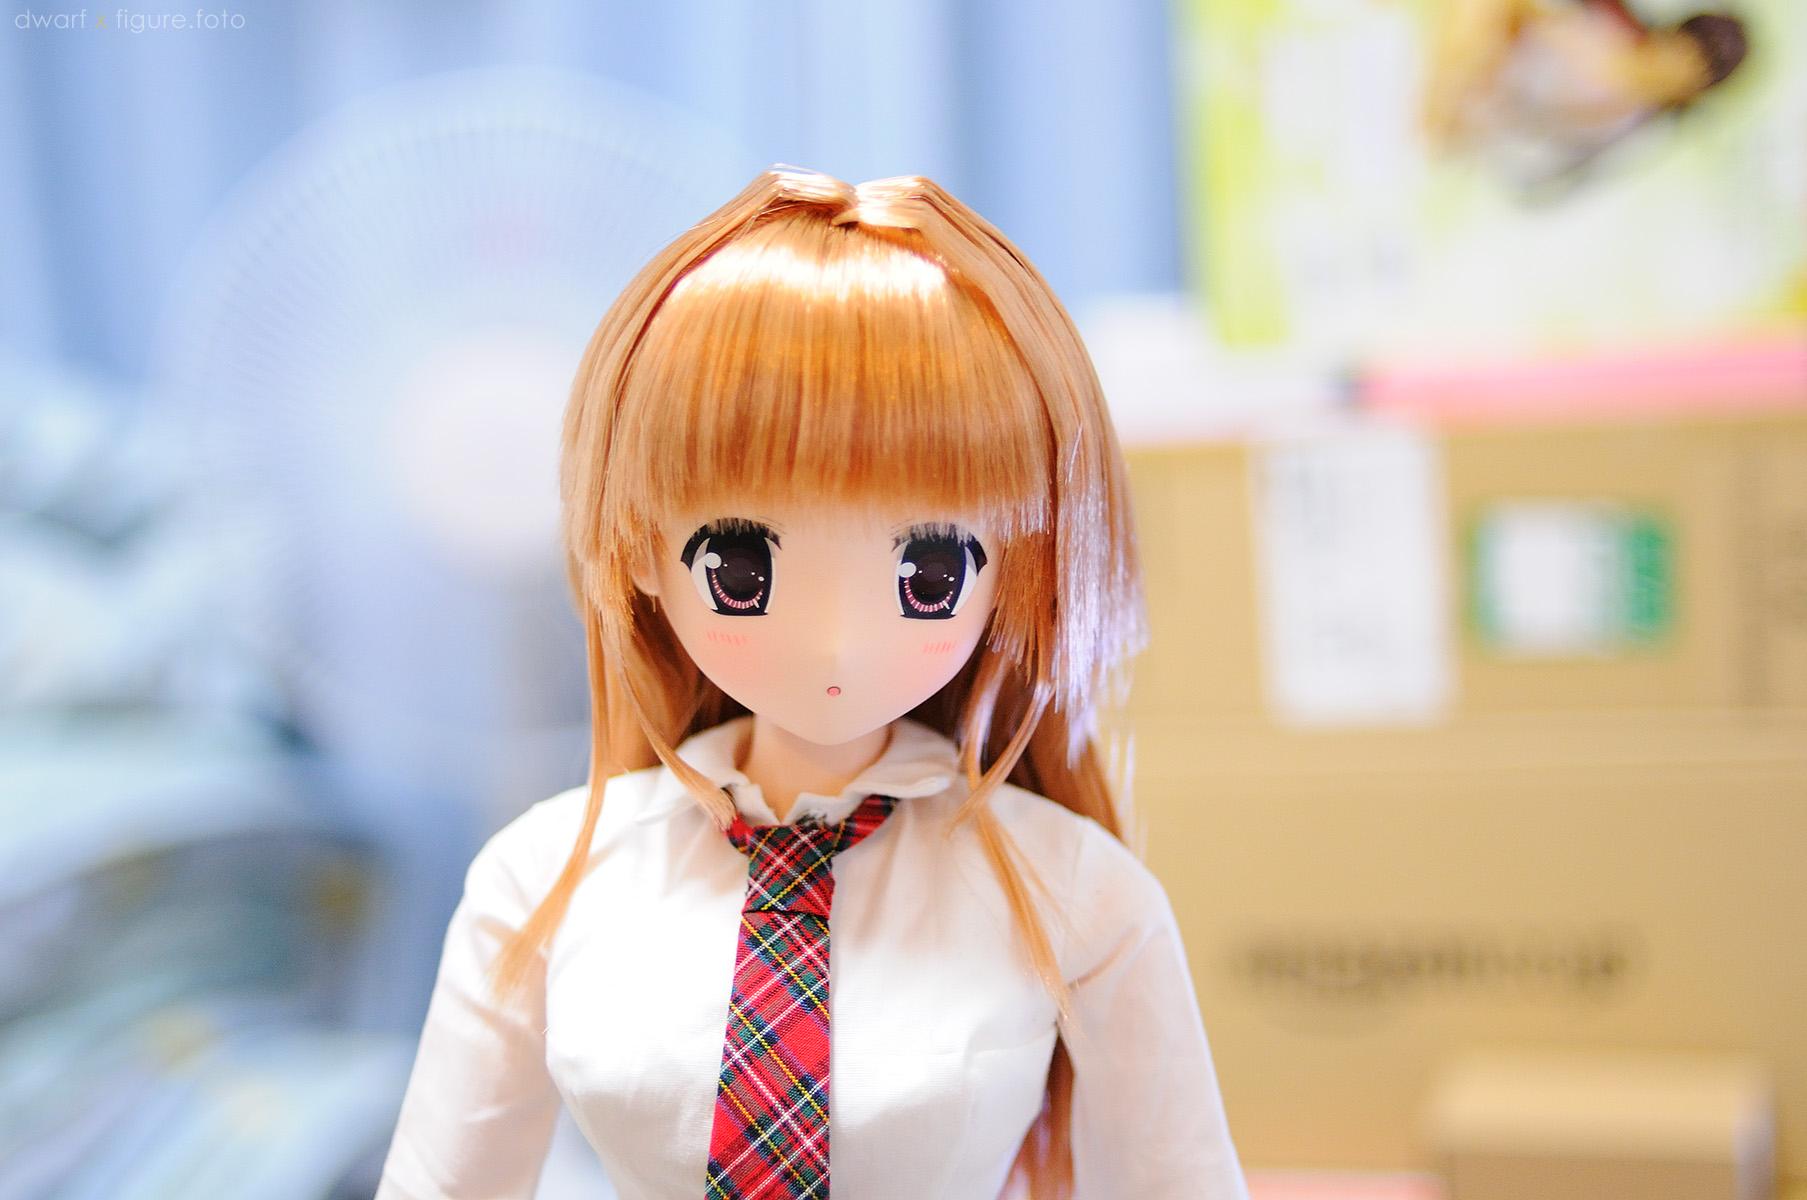 可爱娃娃头像简笔画内容图片展示